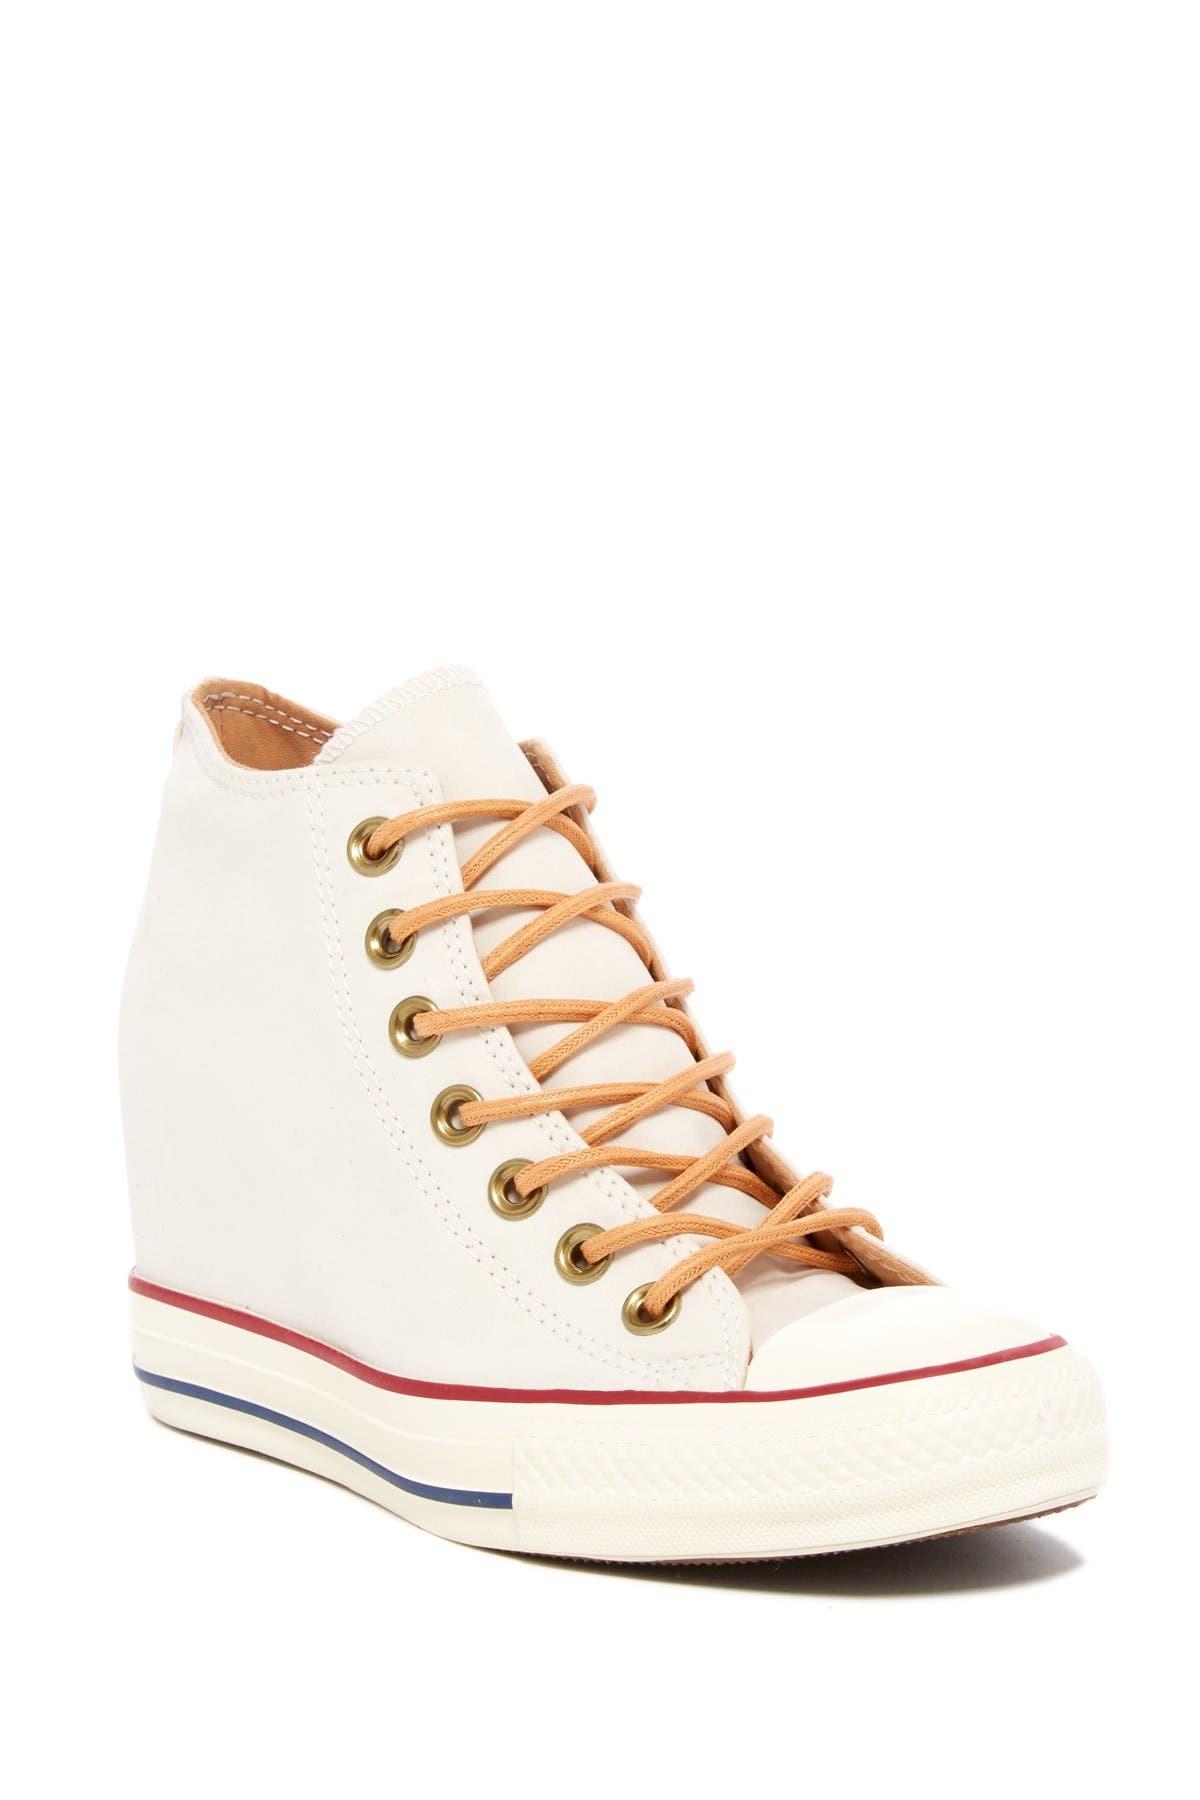 Star Lux Wedge Sneakers | Nordstrom Rack